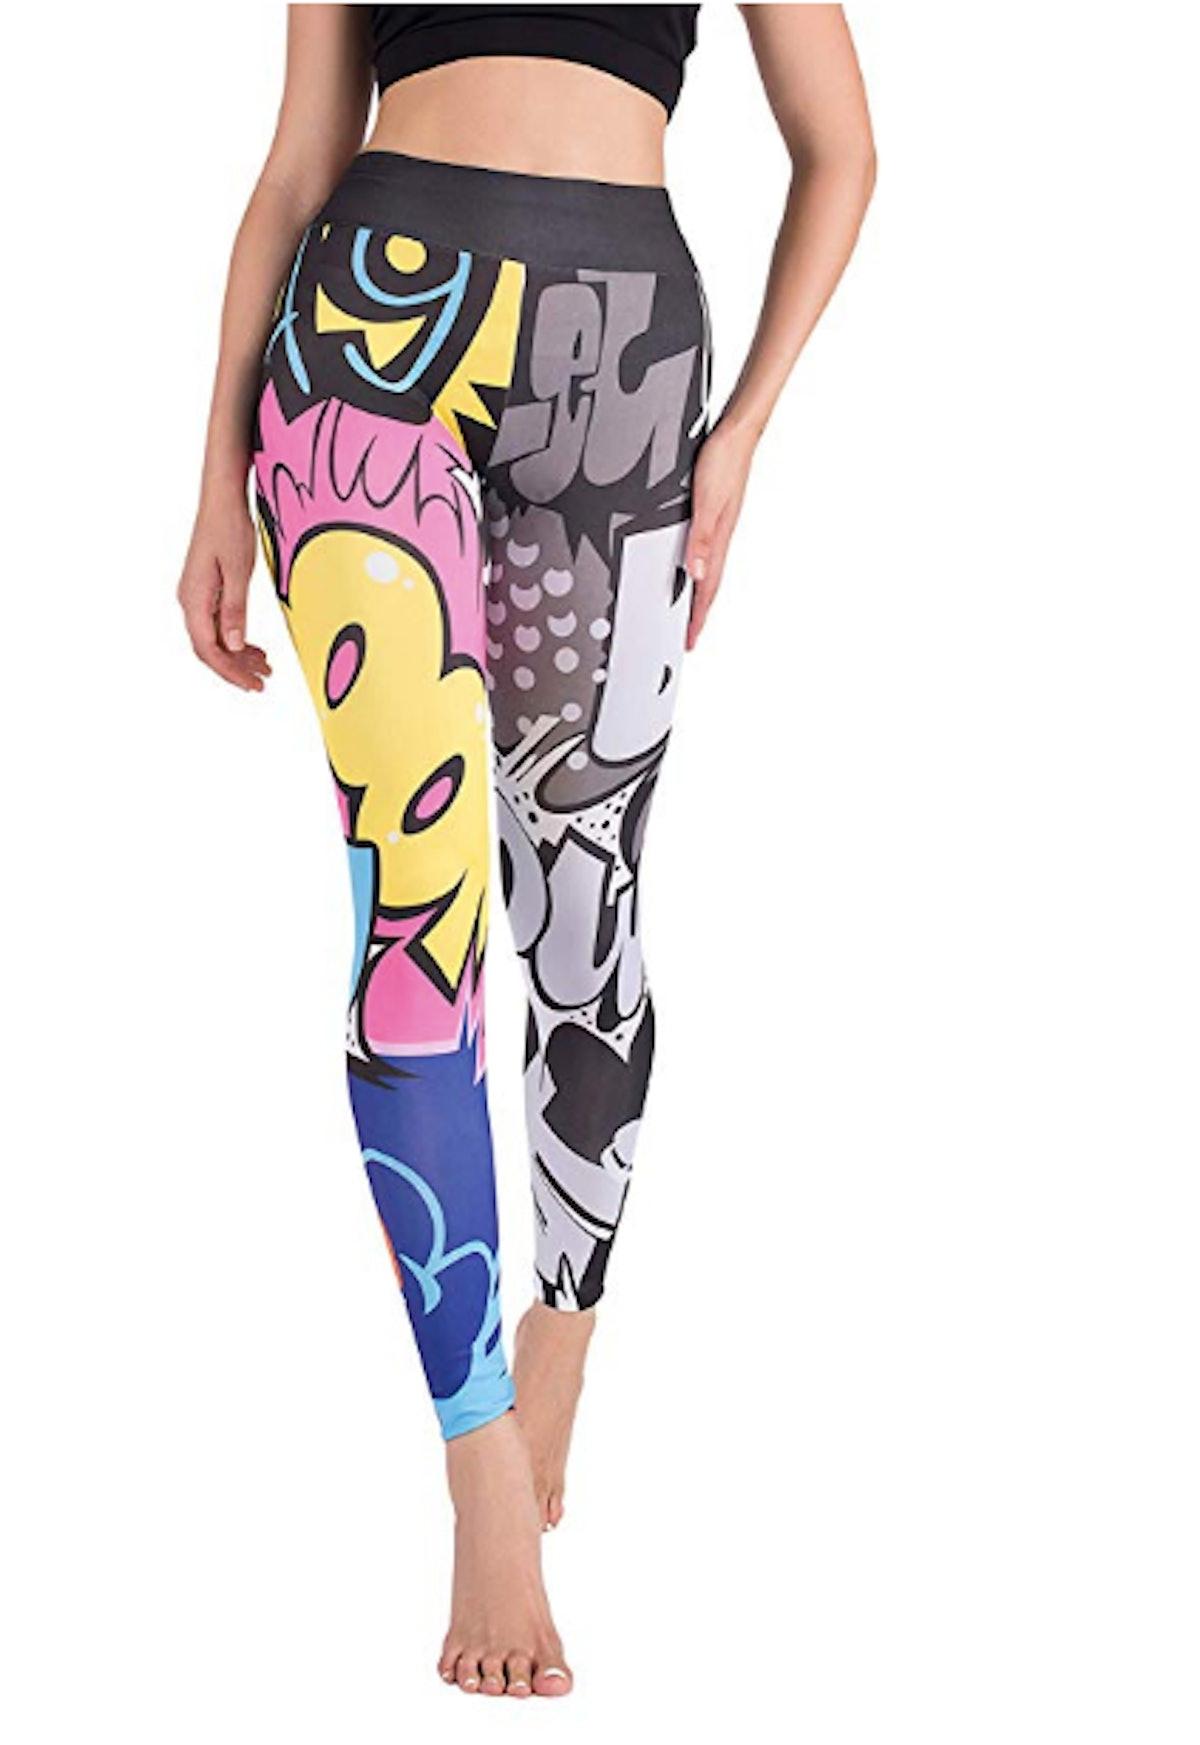 DrKr Pop Art Graffiti Leggings